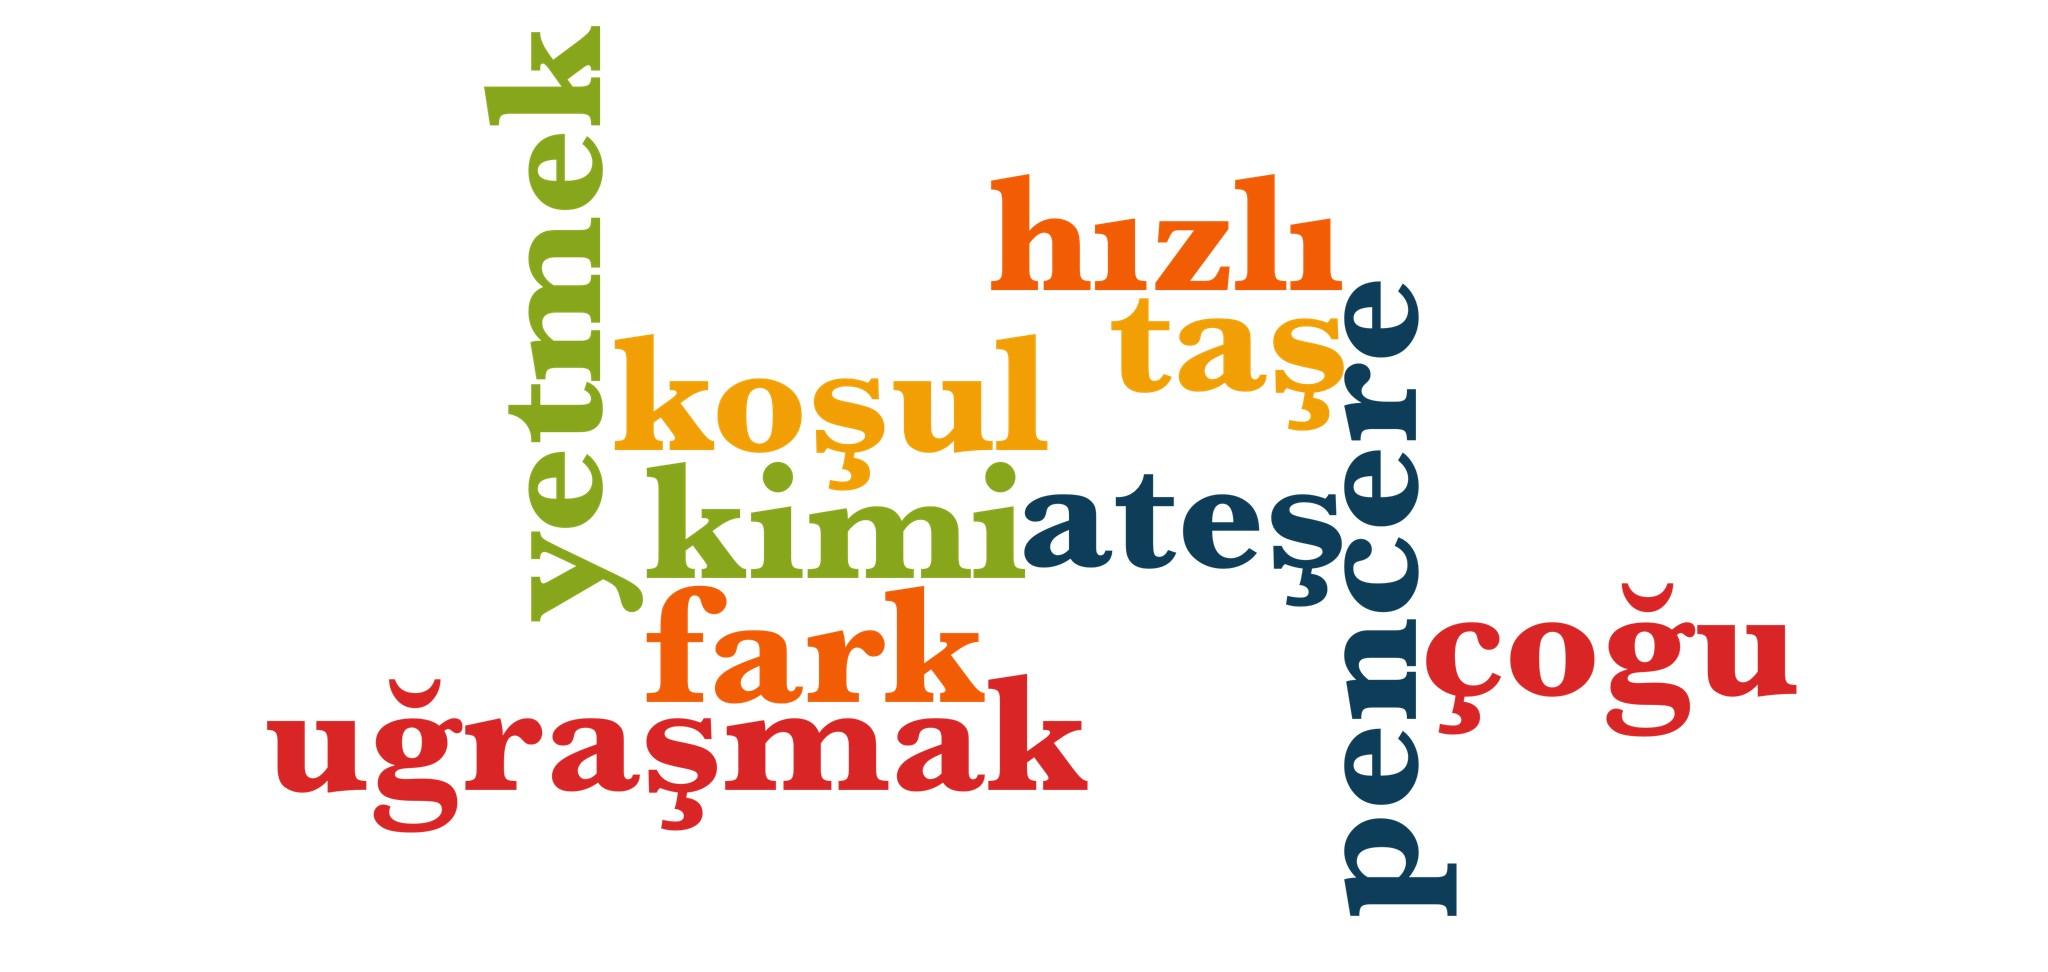 Wörter 571 bis 580 der 1000 häufigsten Wörter der türkischen Sprache